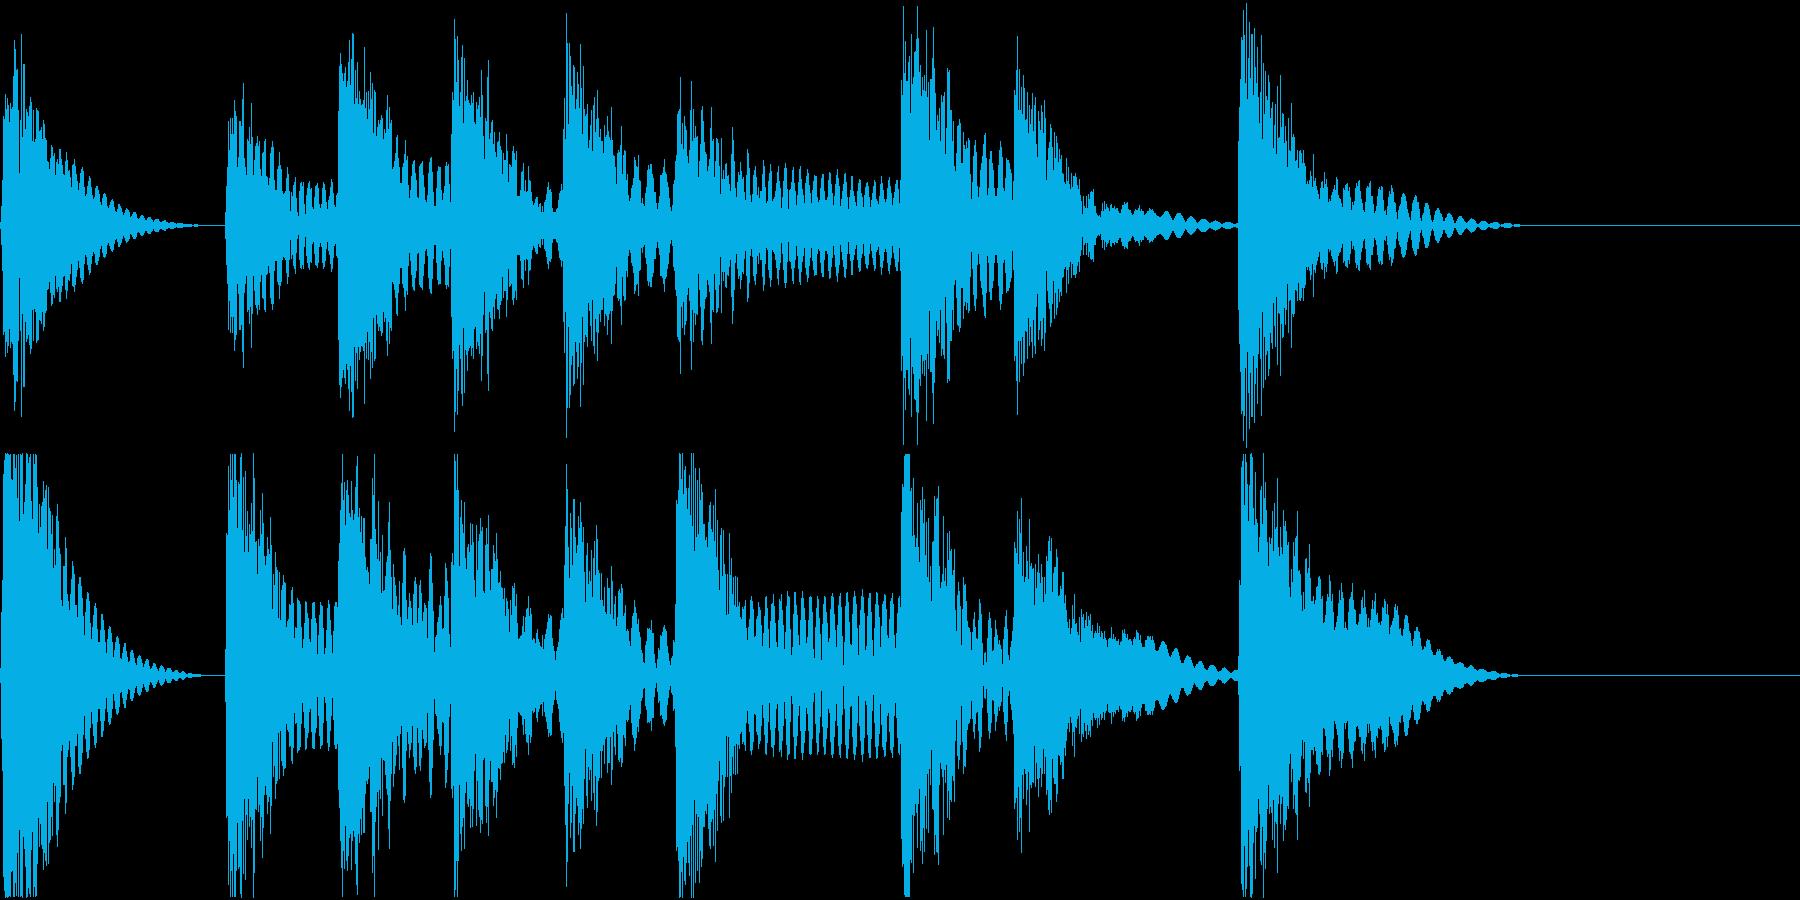 着信音 ループ お知らせ 通知 海 3の再生済みの波形